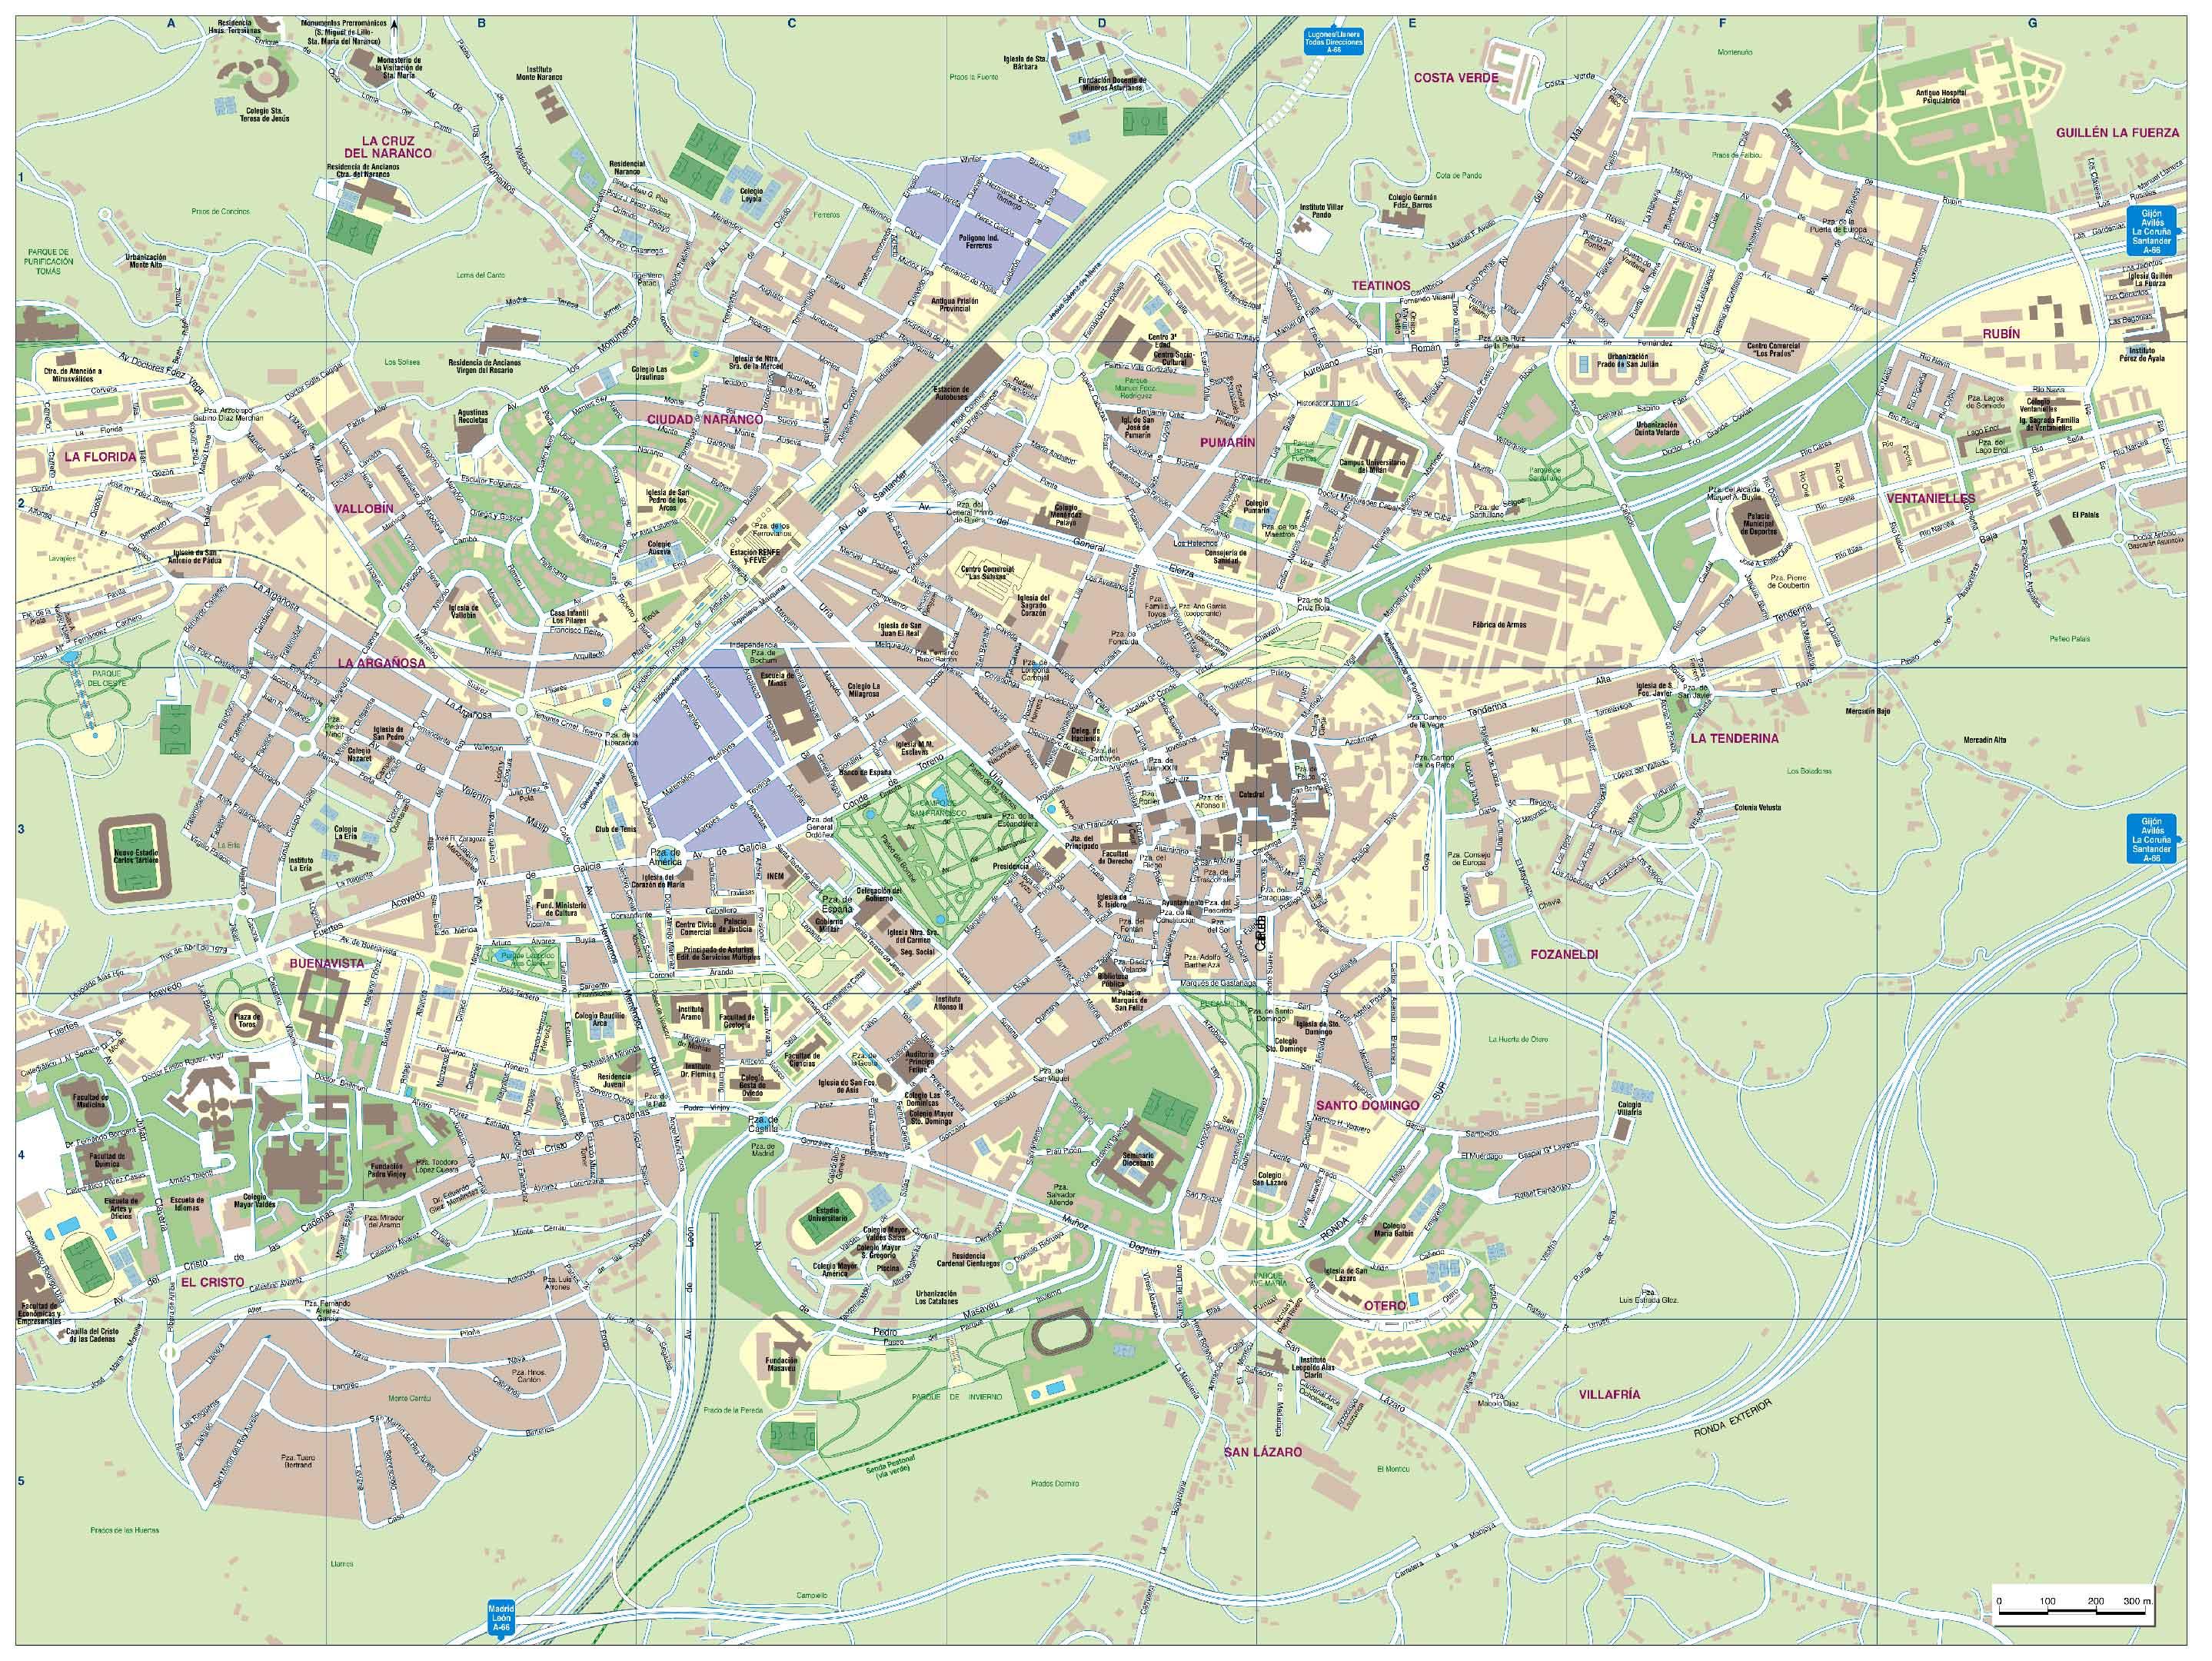 Imagen de Oviedo mapa 33001 2